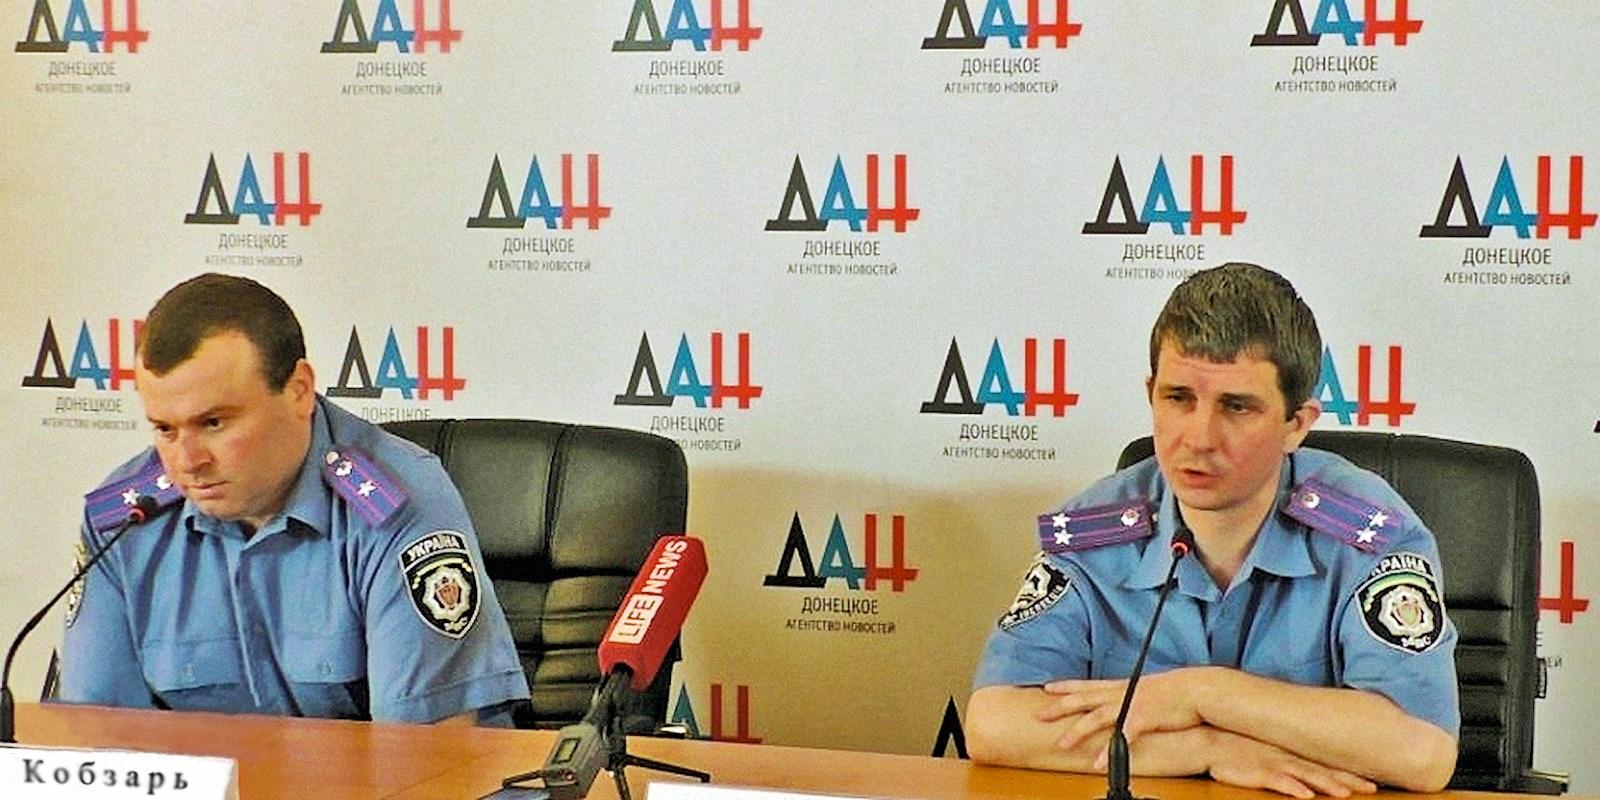 00 dnr. ukrainian police. donetsk pr. 01 030715